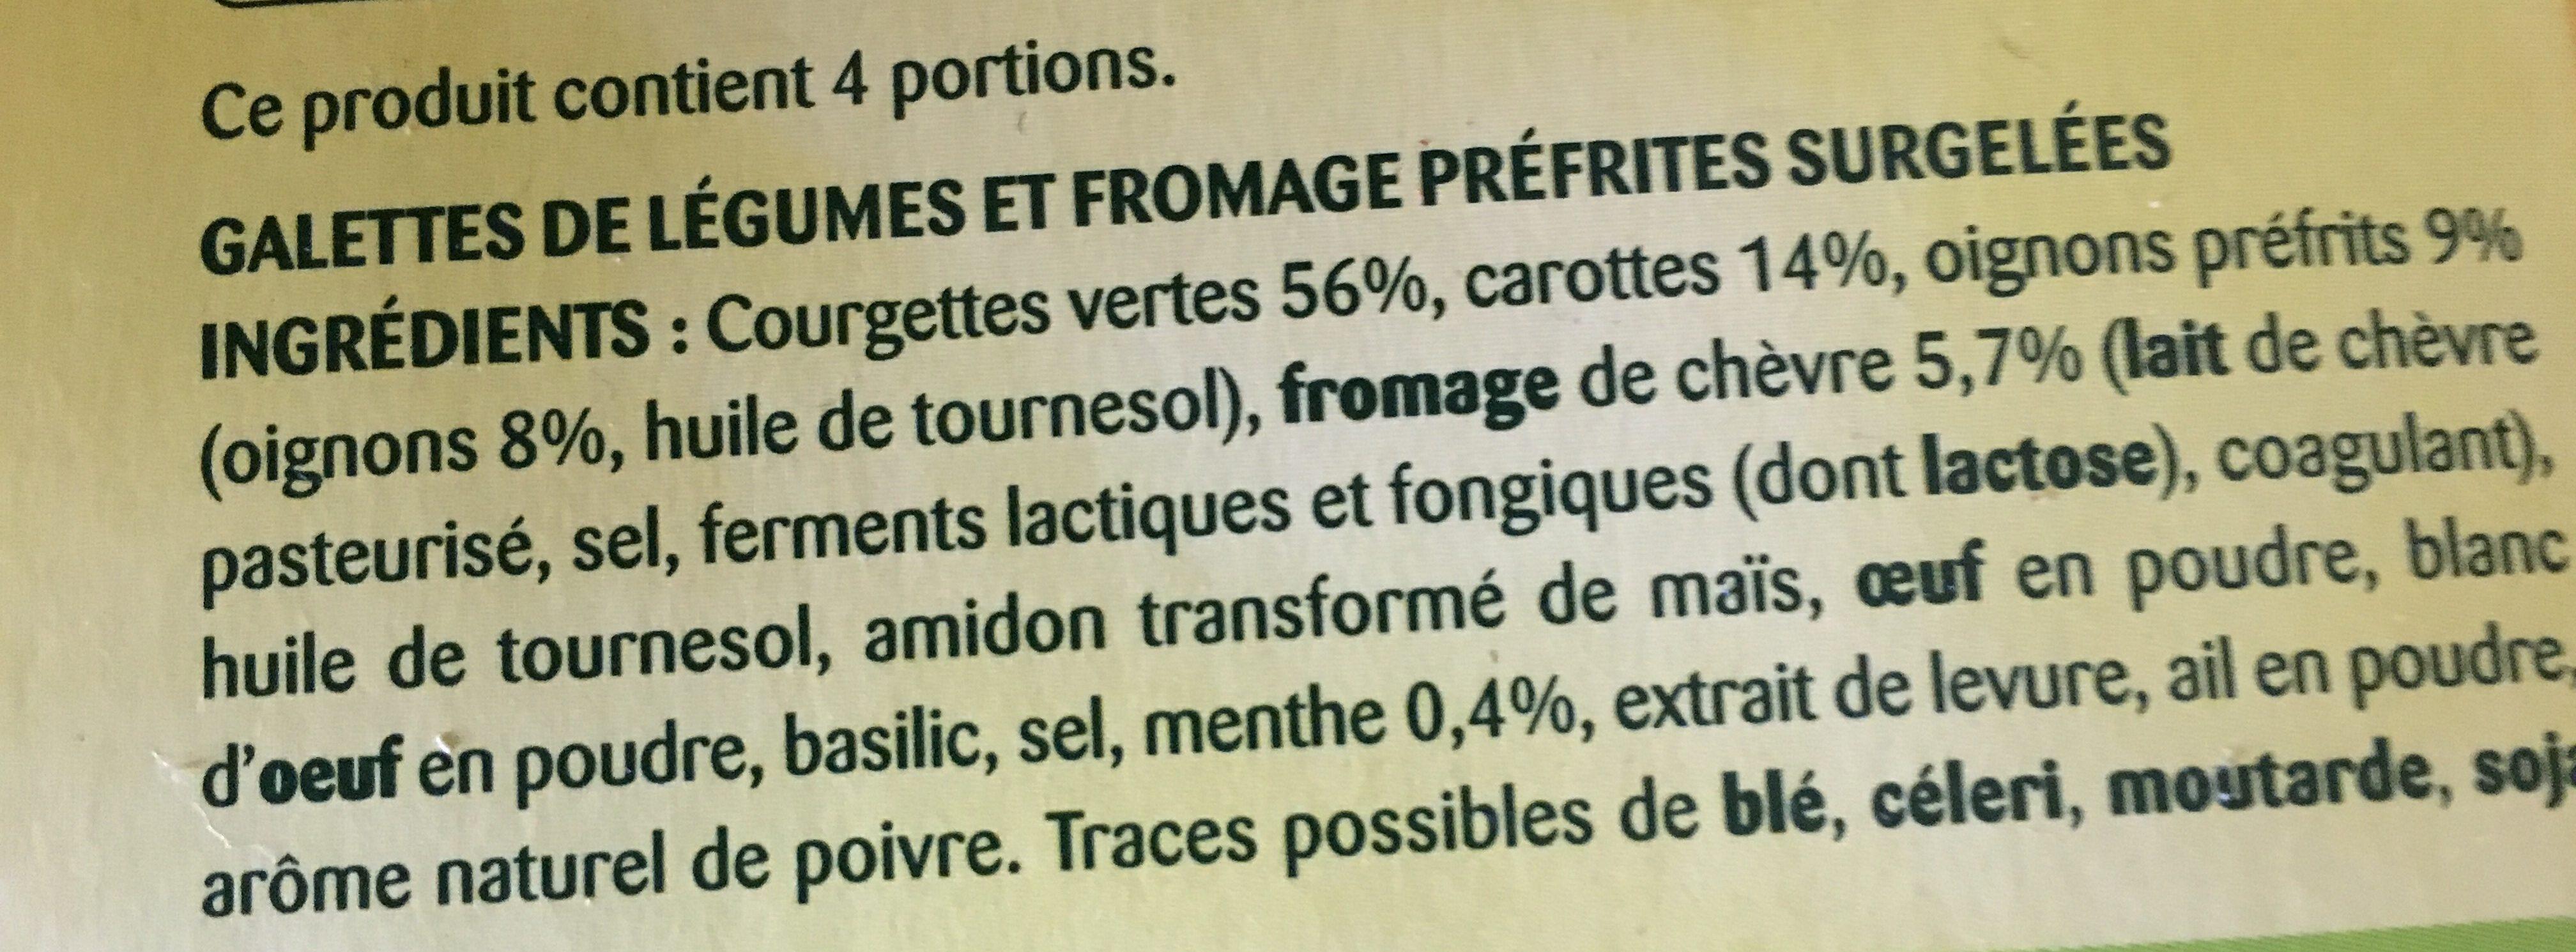 Graines tournesol - Ingrediënten - fr